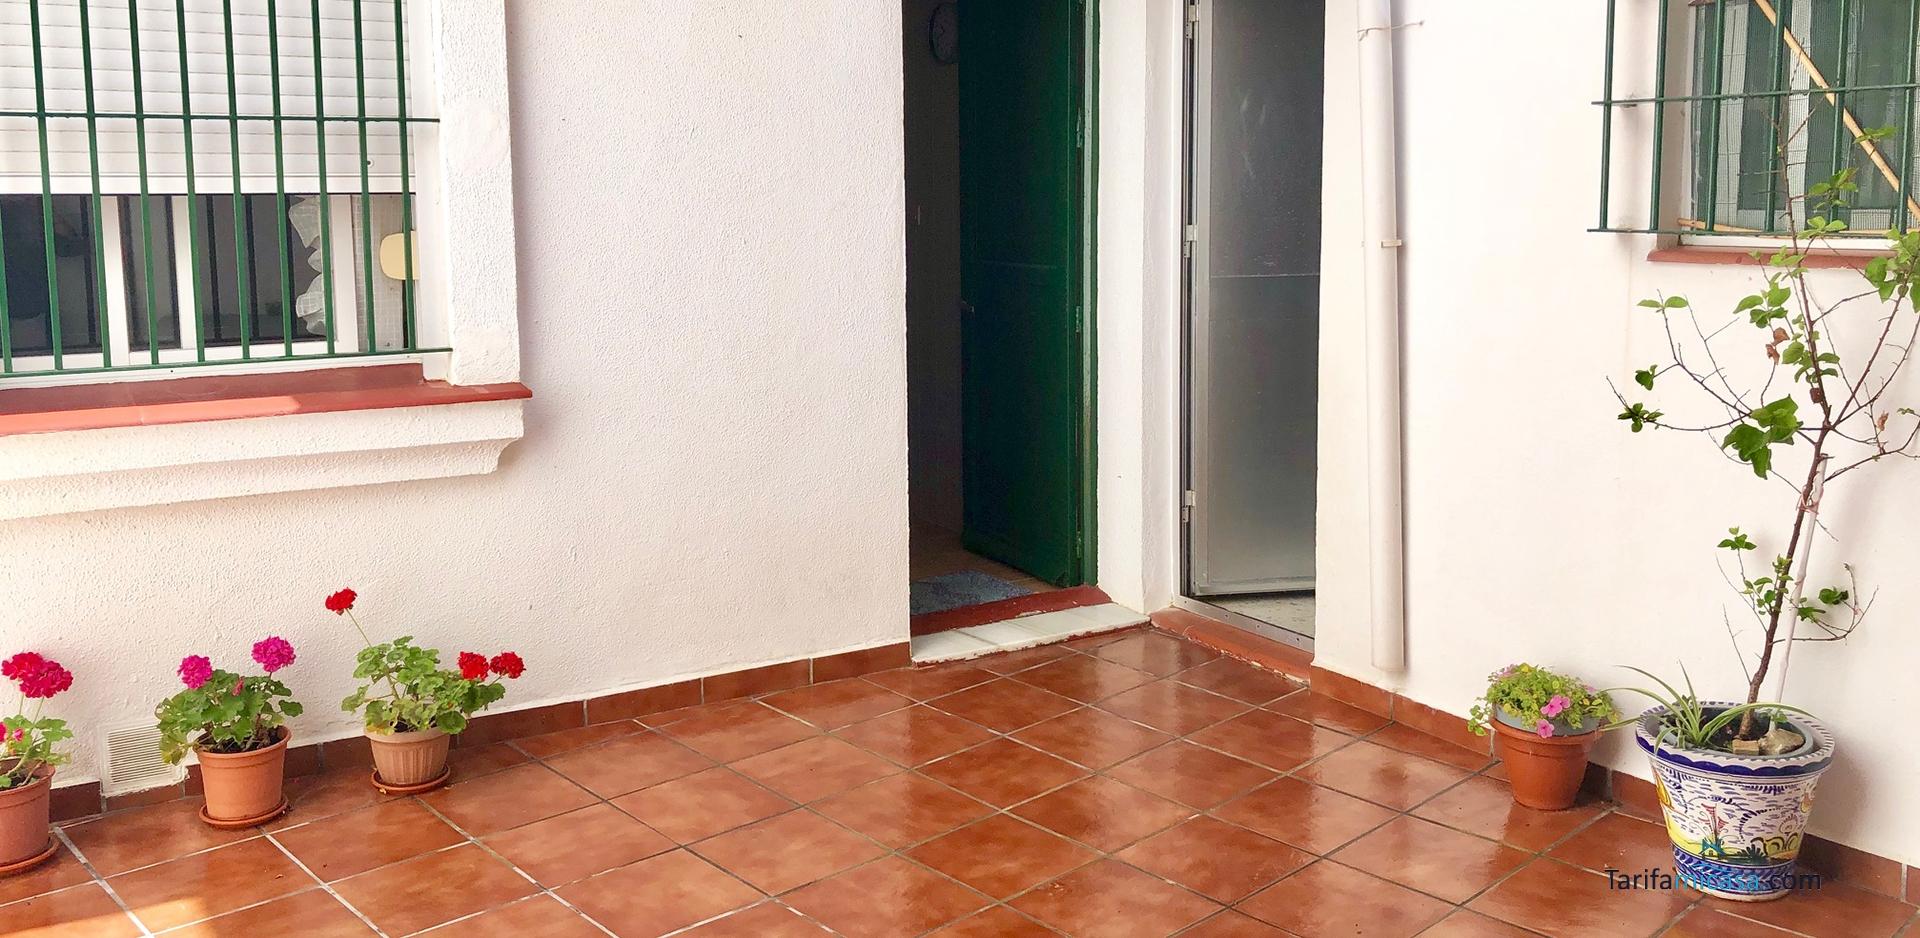 Casa en el centro de Tarifa